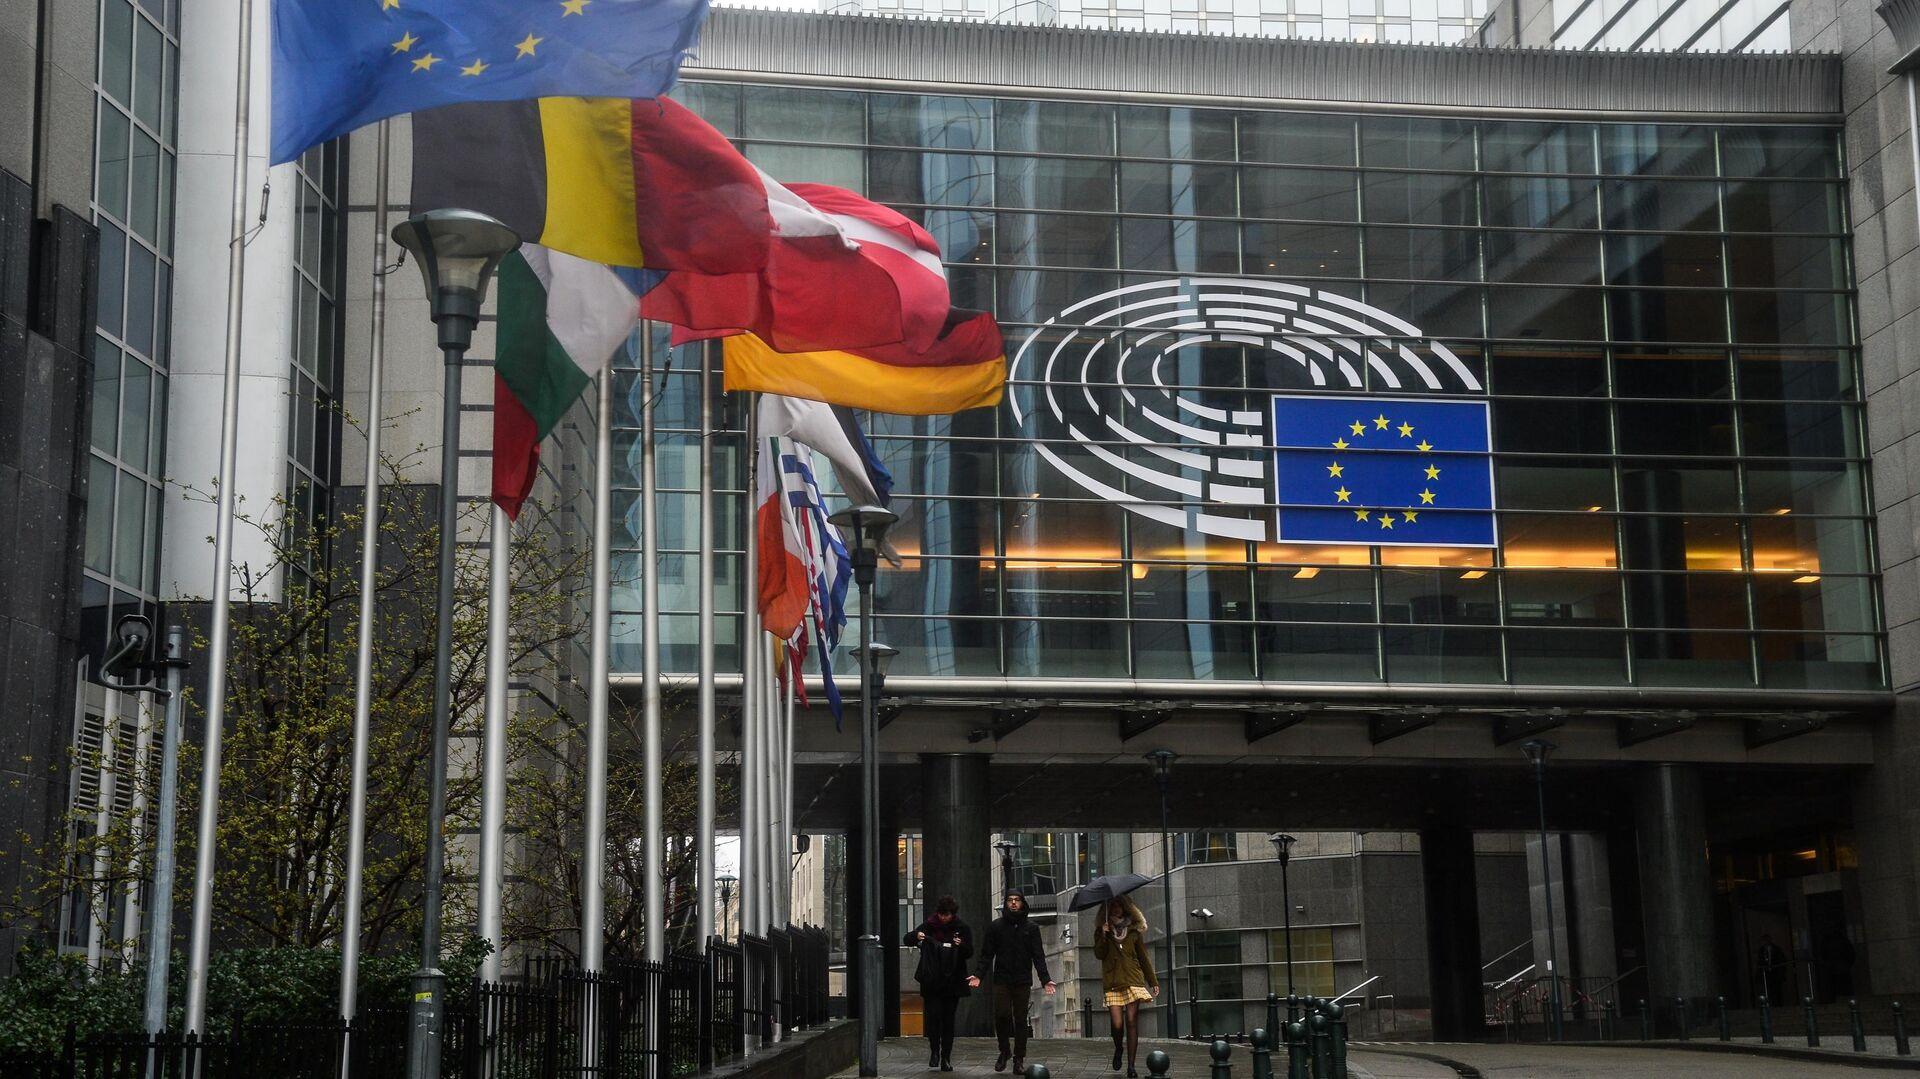 Здание Европейского парламента в Брюсселе - РИА Новости, 1920, 17.09.2020